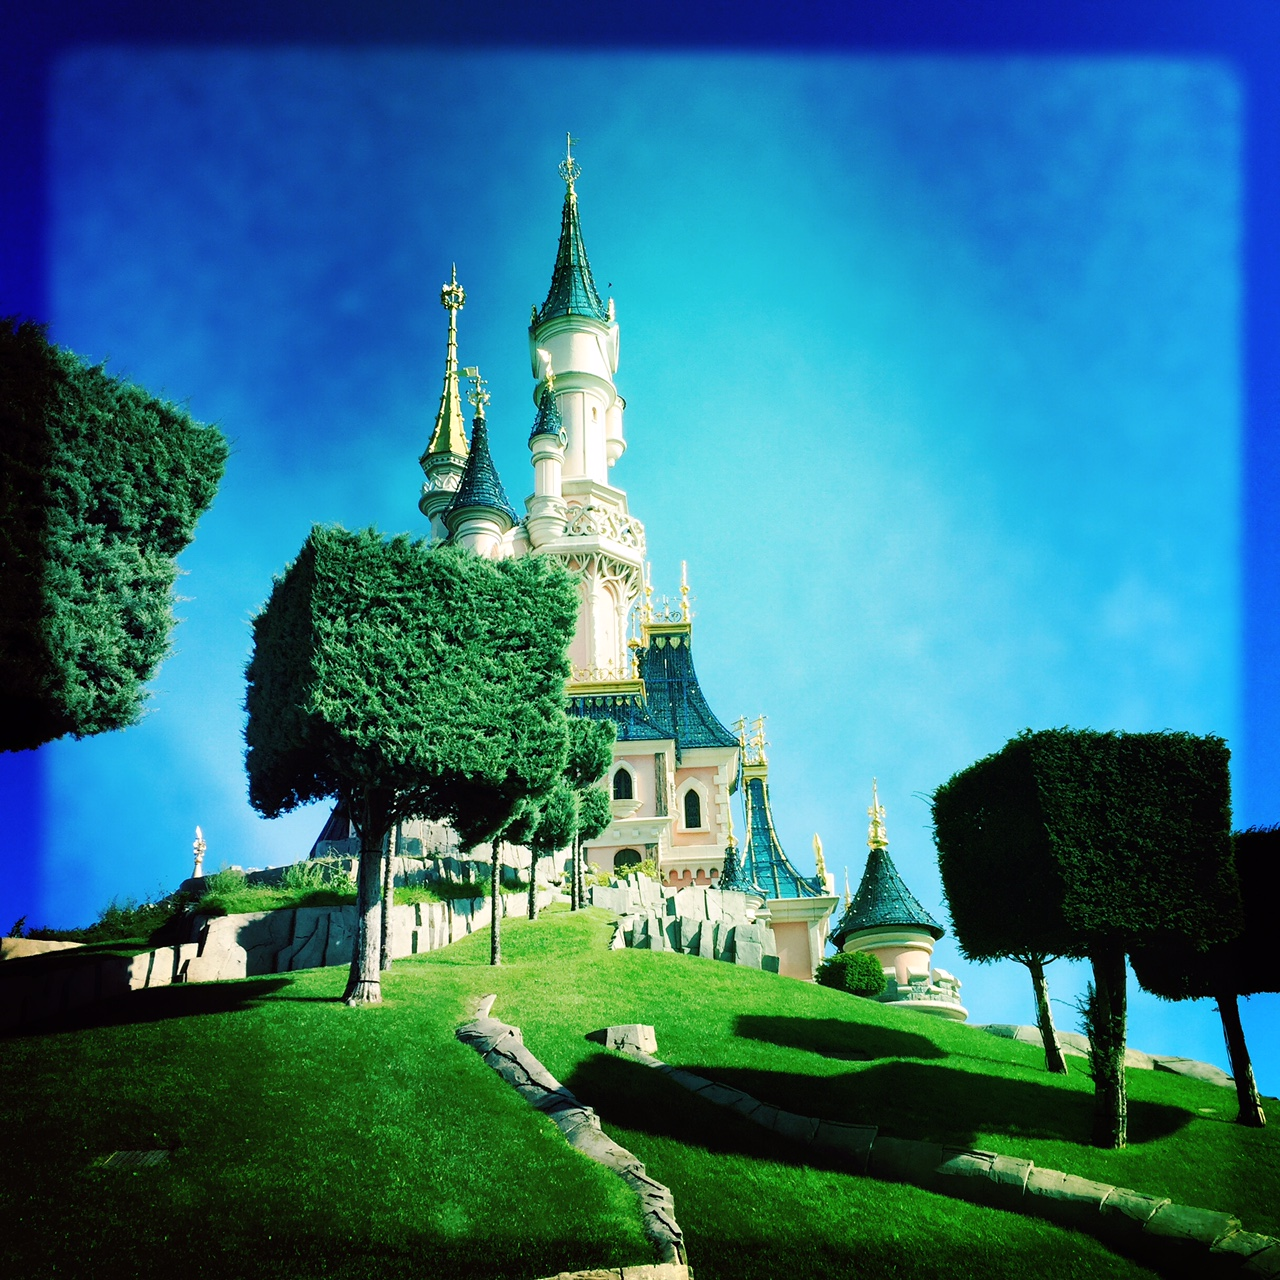 rencontrer les personnages à Disneyland Paris inventions